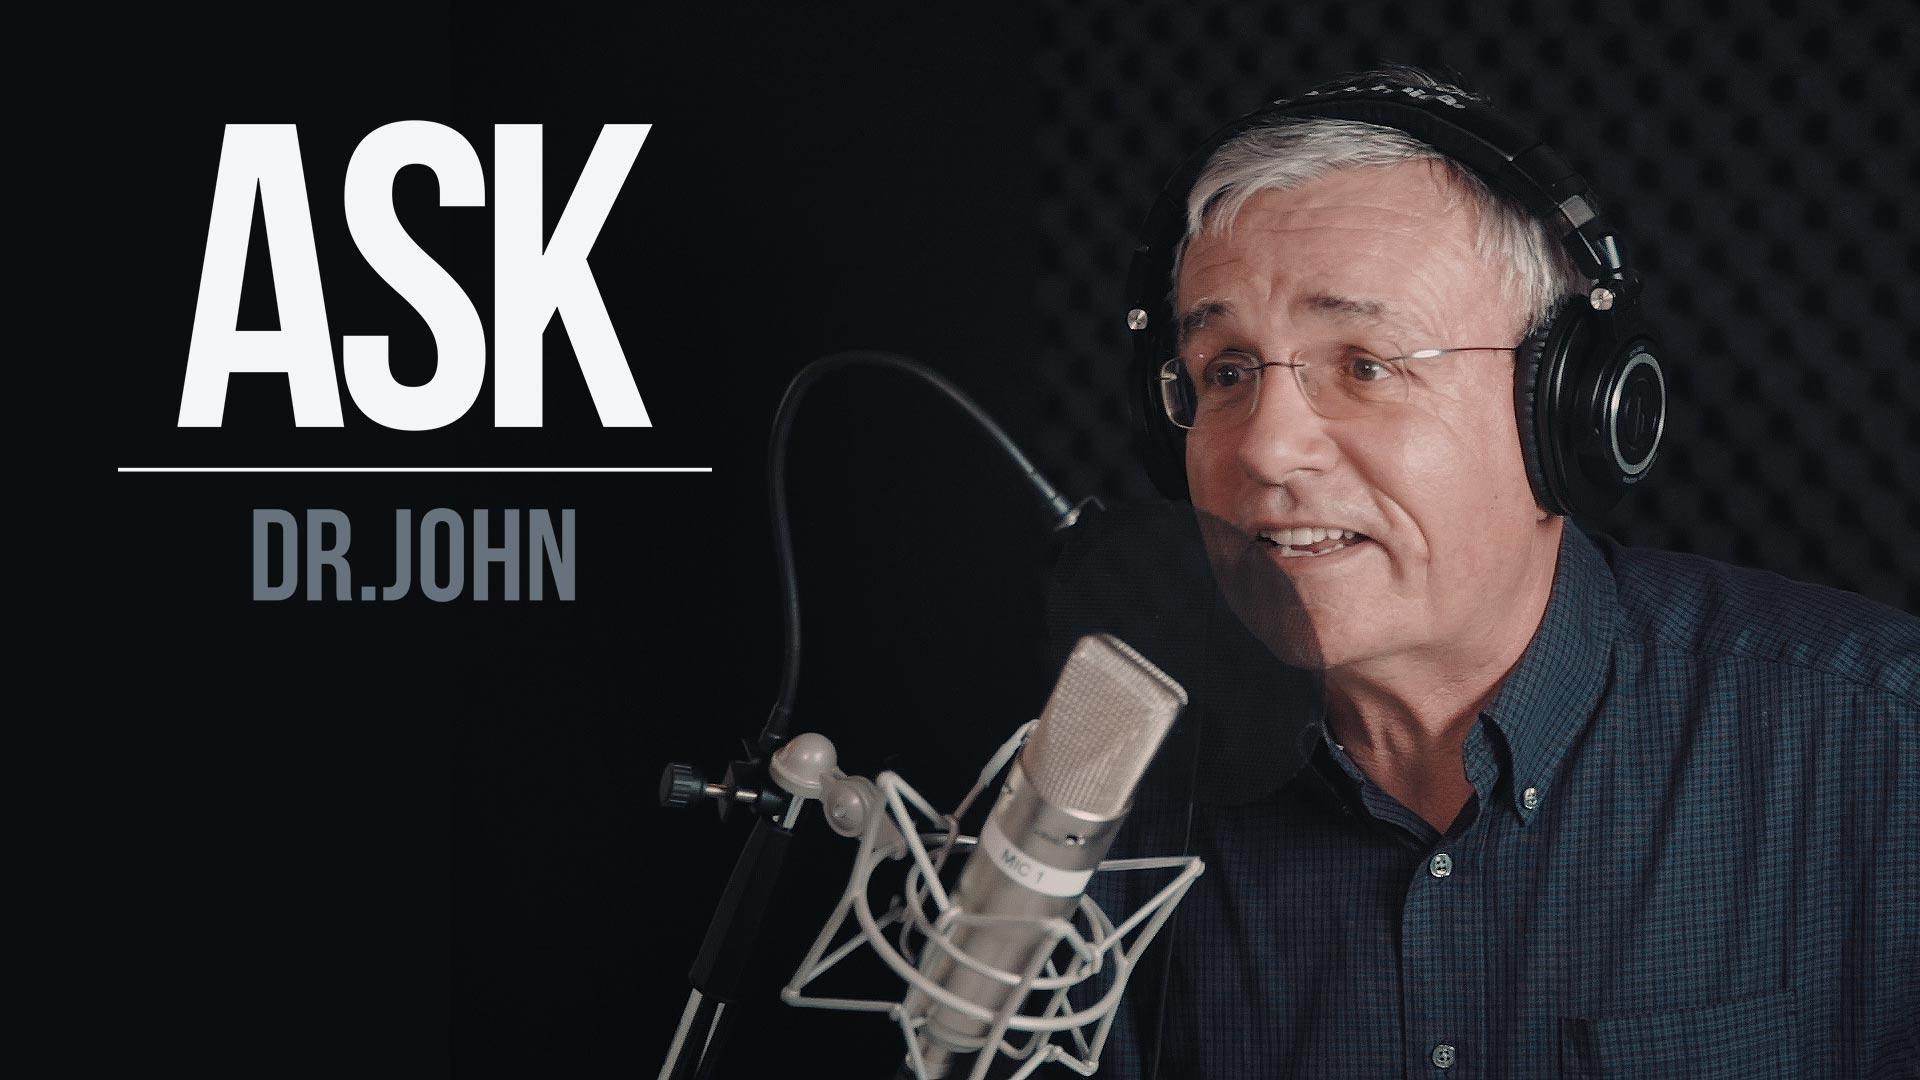 ask-dr-john-1920x1080